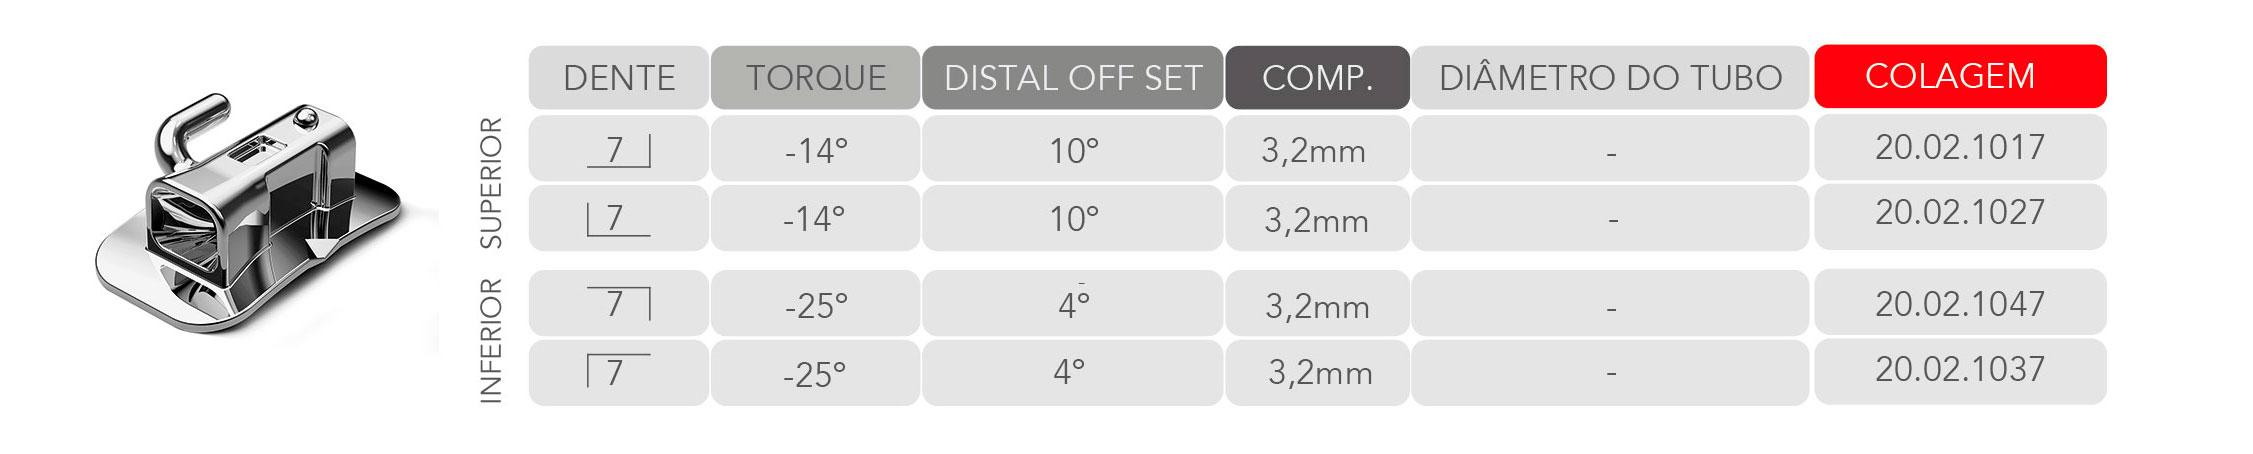 Infográfico do produto Tubo p/ Colagem Roth 0,022'' - Simples 2º Molar Super Esquerdo